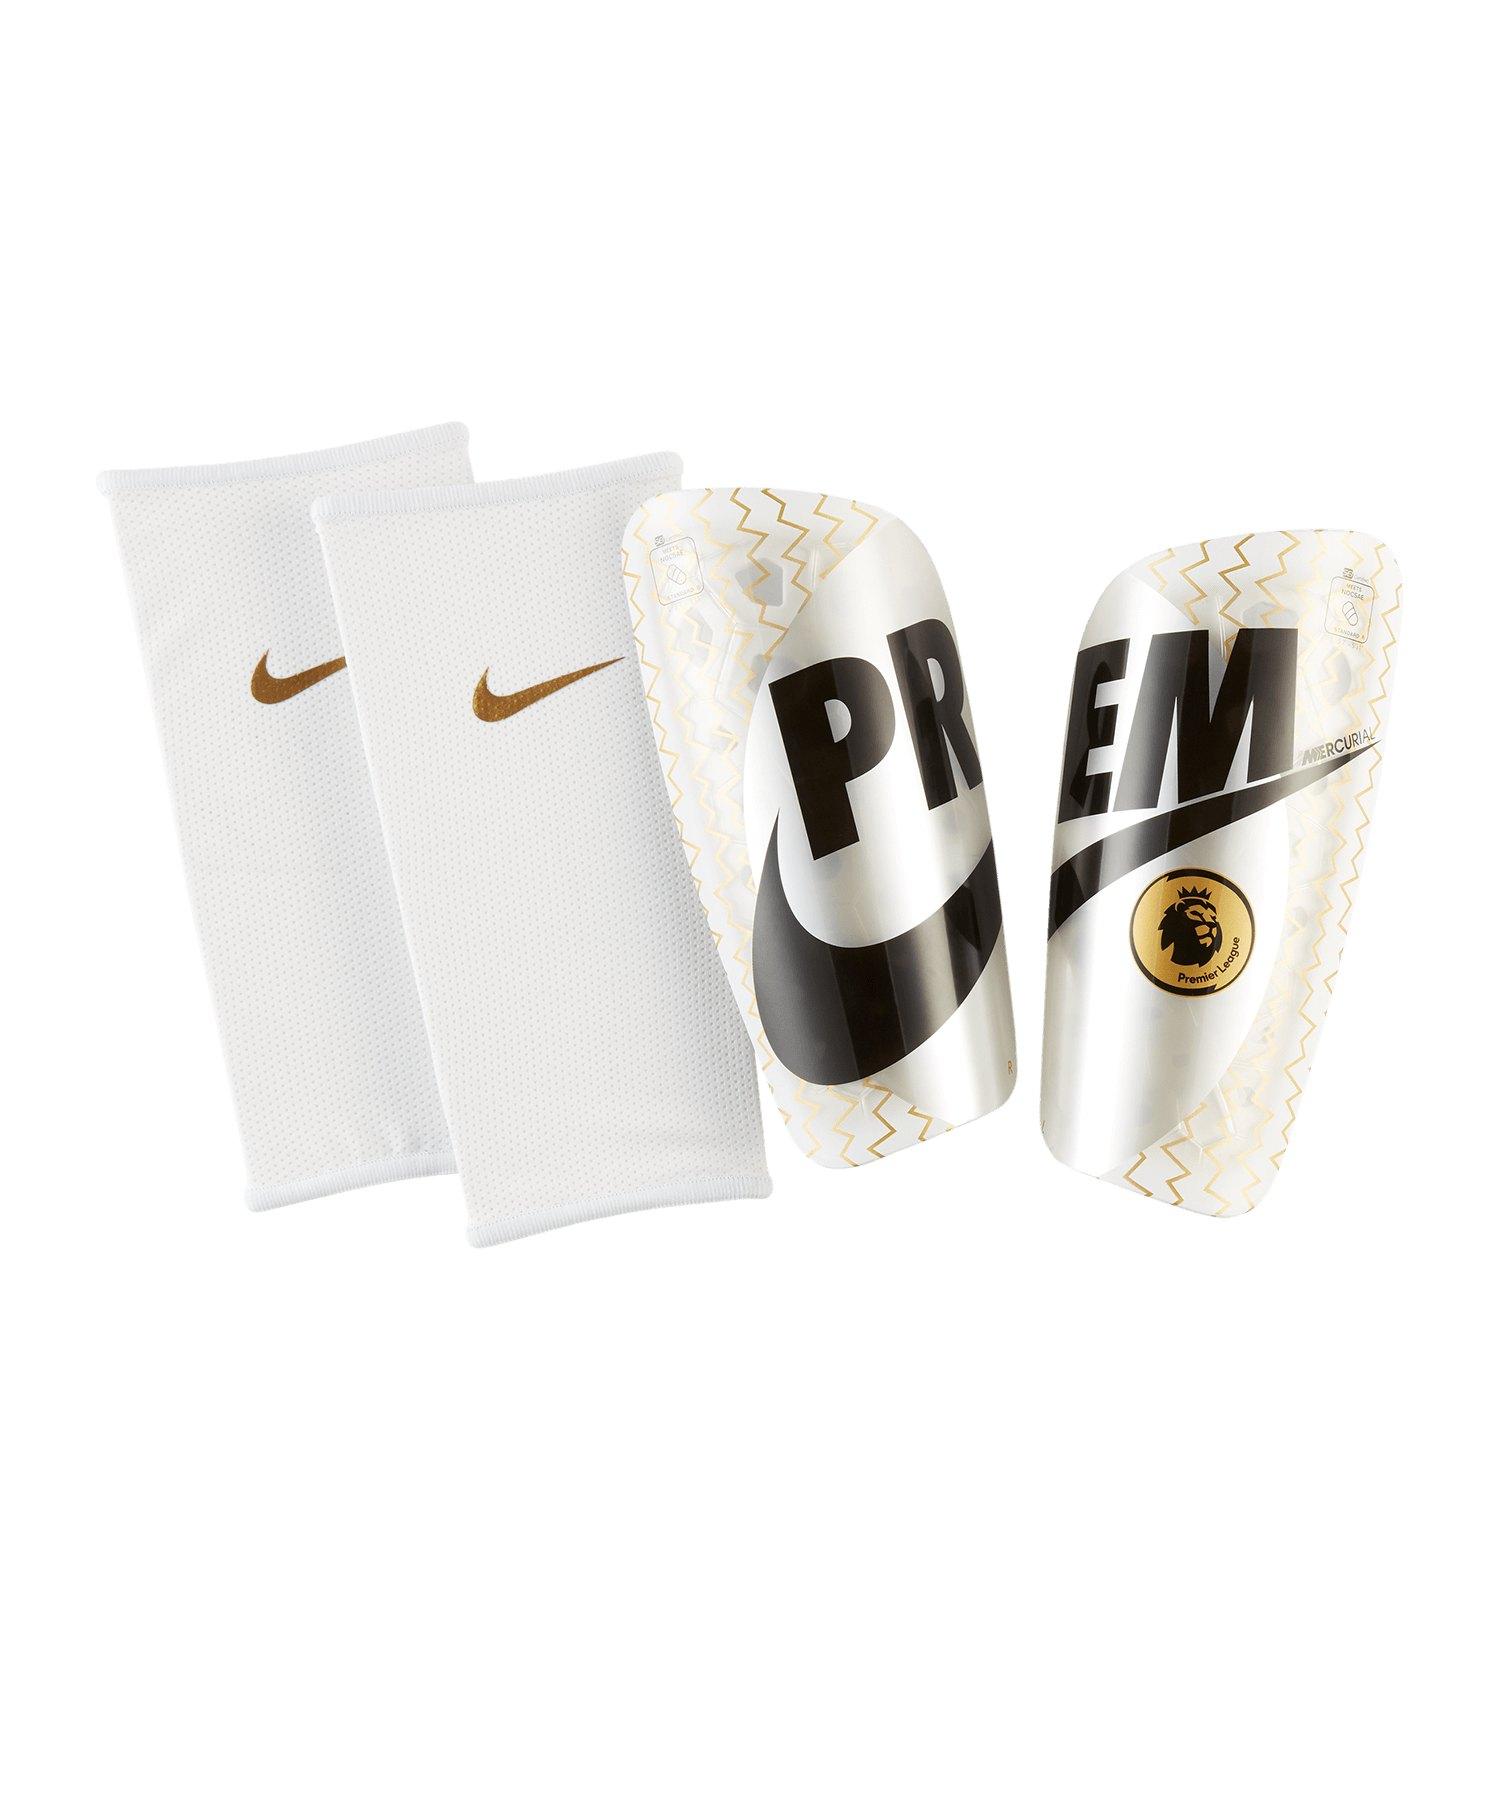 Nike Mercurial Schienbeinschoner Weiss F101 - weiss